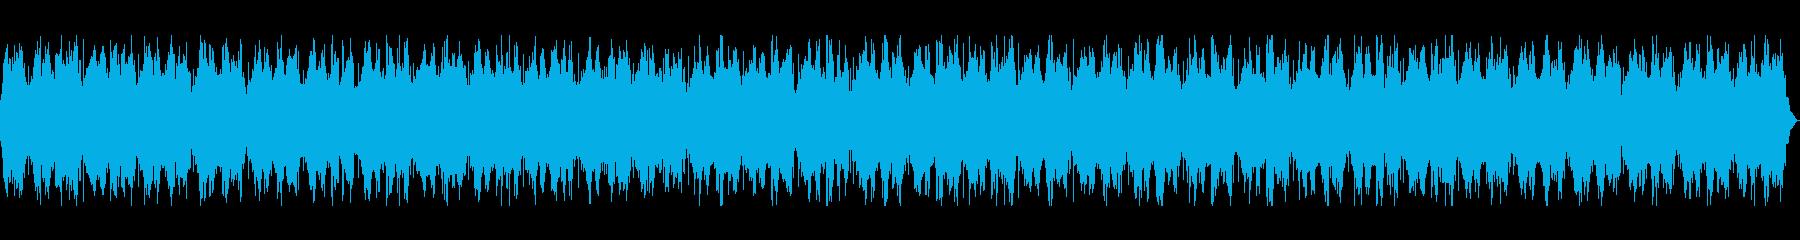 深くセツナ系の長めヒーリングミュージックの再生済みの波形